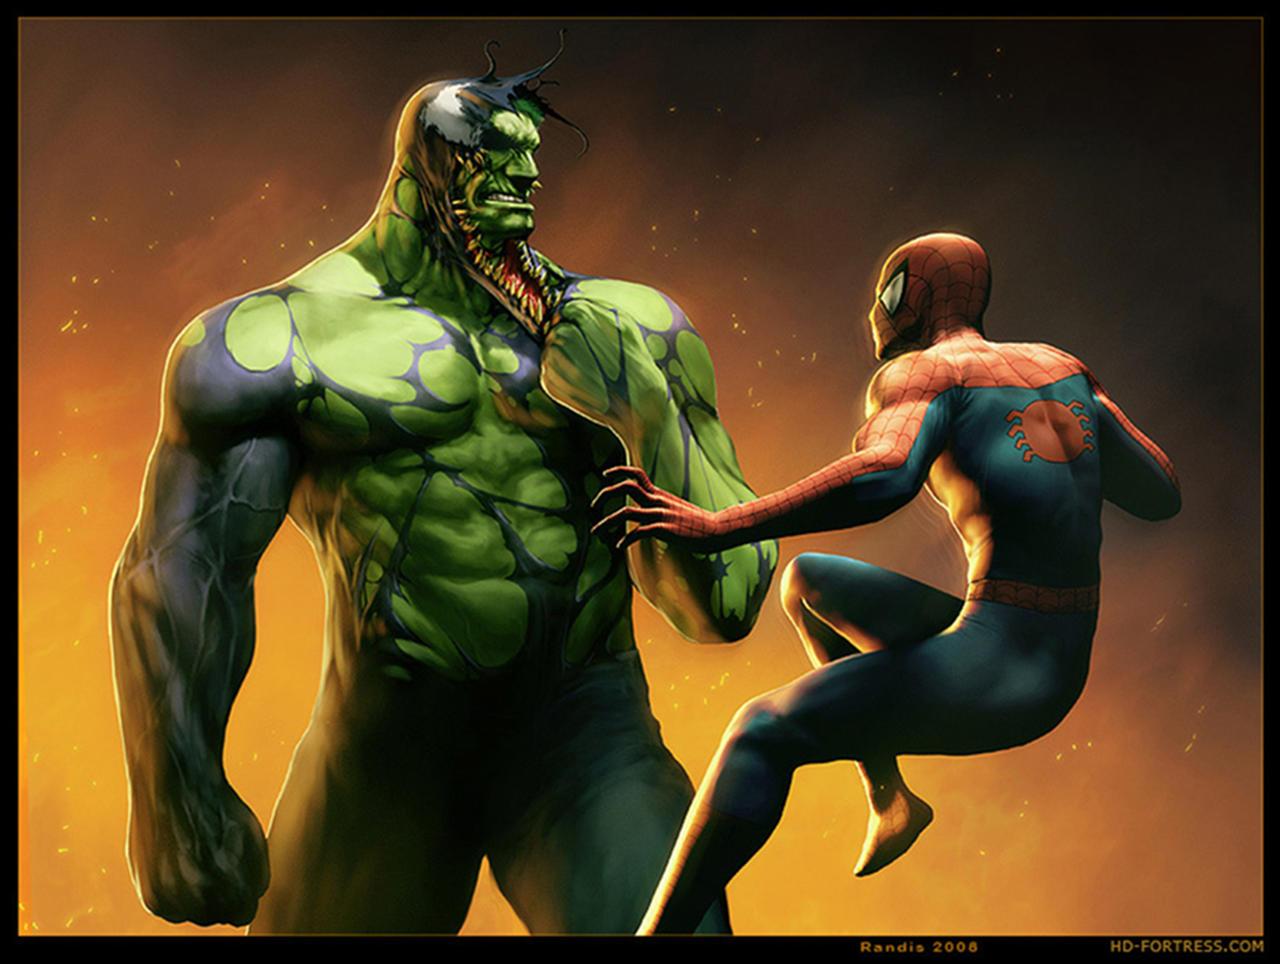 Venom Hulk vs Spiderman by Shawzee on DeviantArt